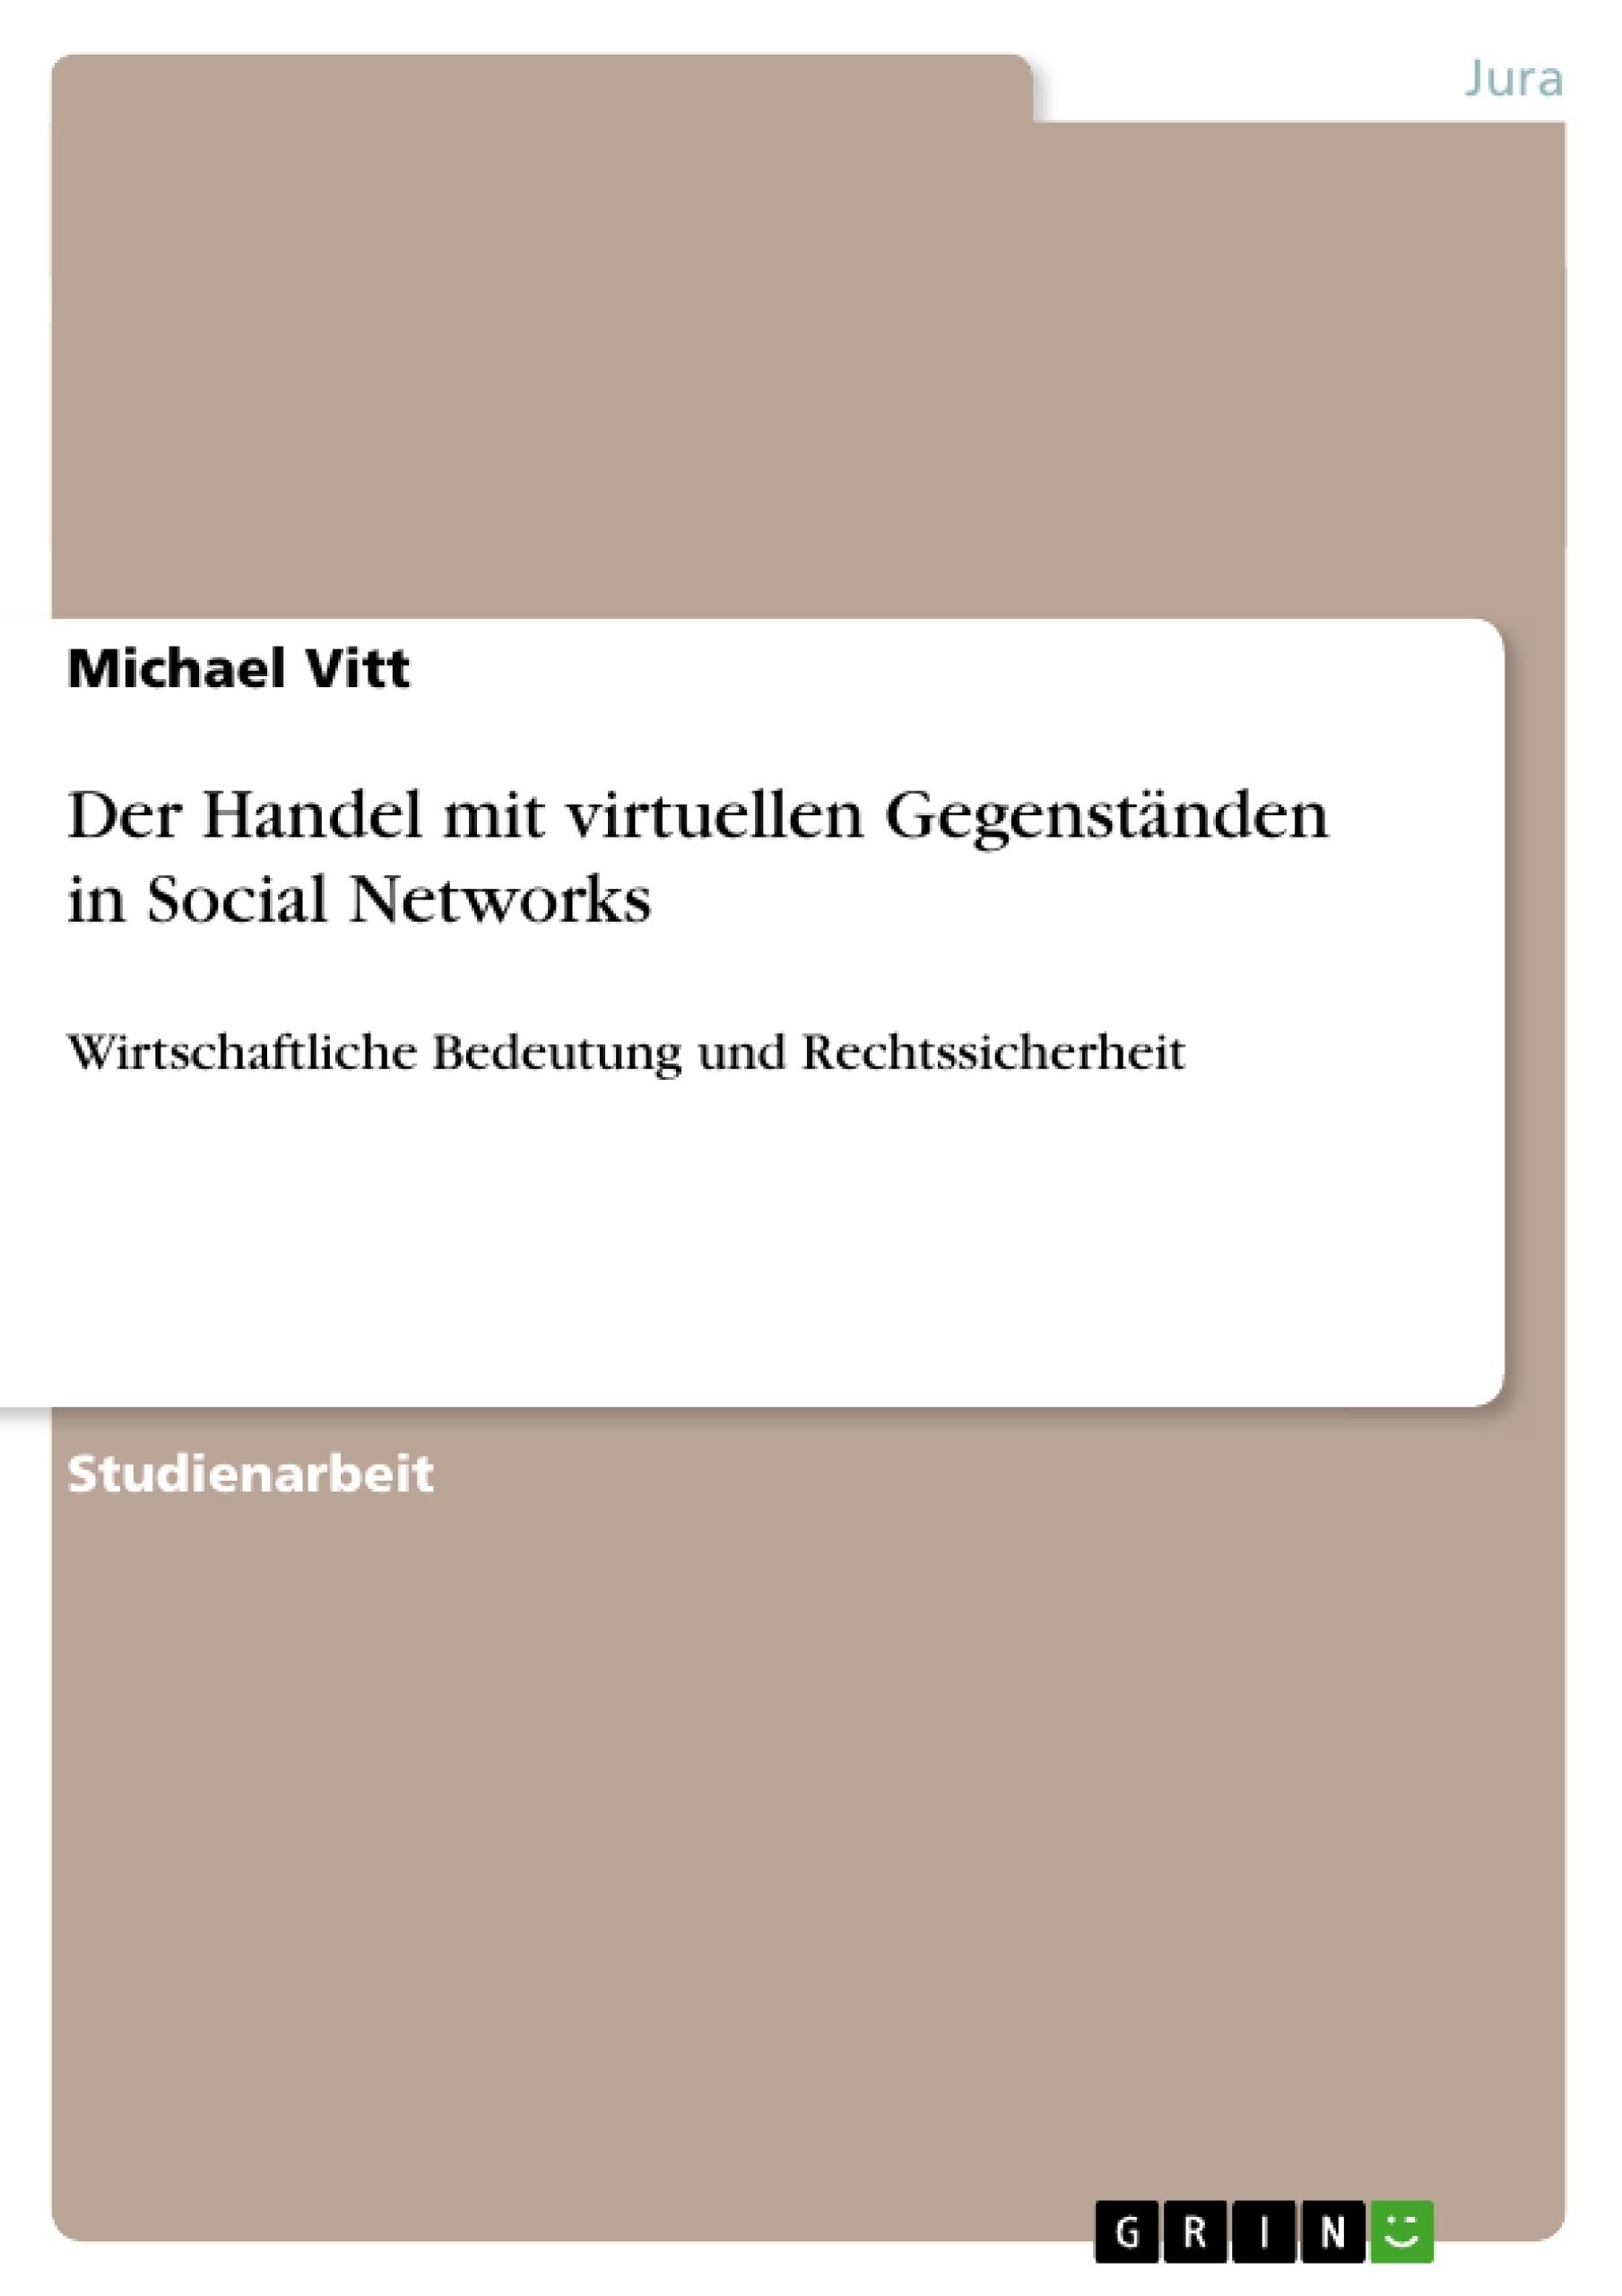 Titel: Der Handel mit virtuellen Gegenständen in Social Networks